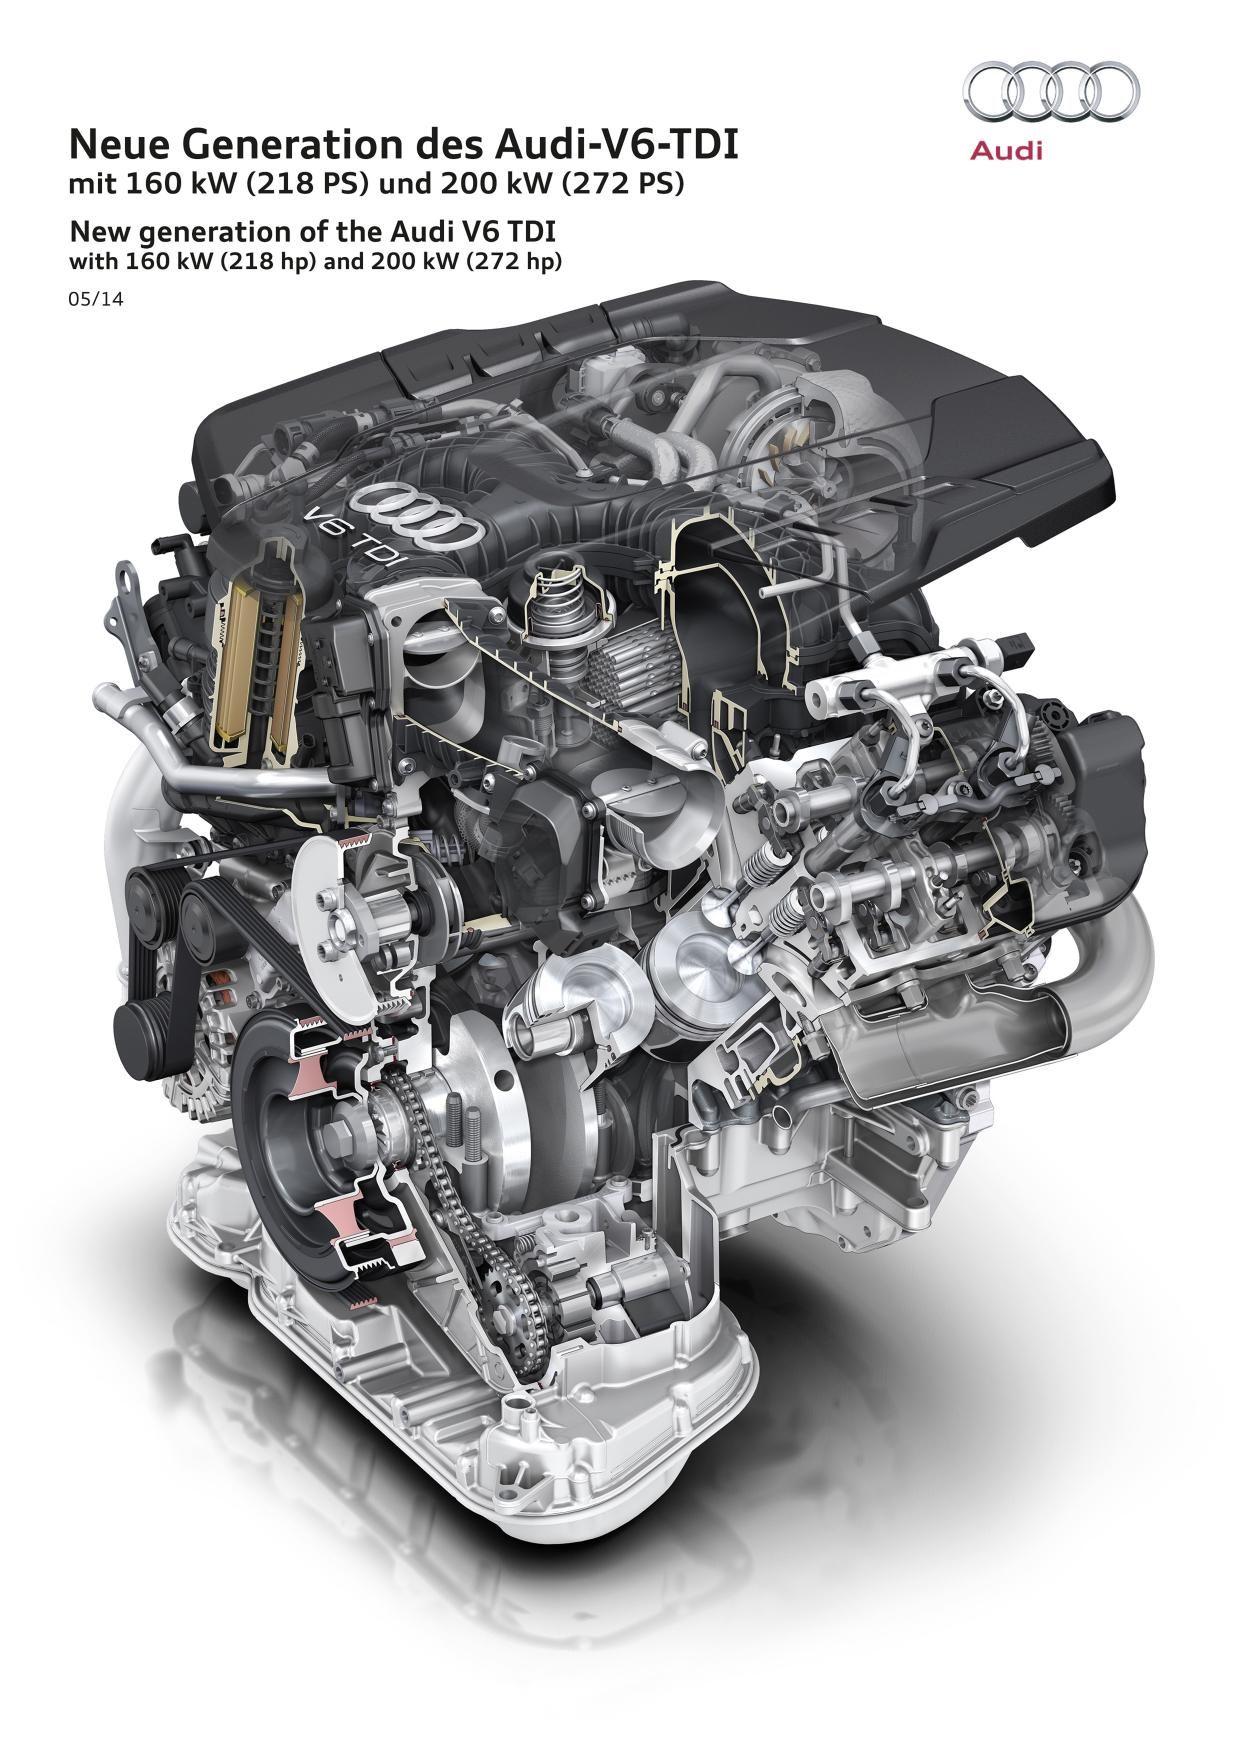 nuevo motor 3 0 tdi v6 car engines pinterest mec nica rh br pinterest com